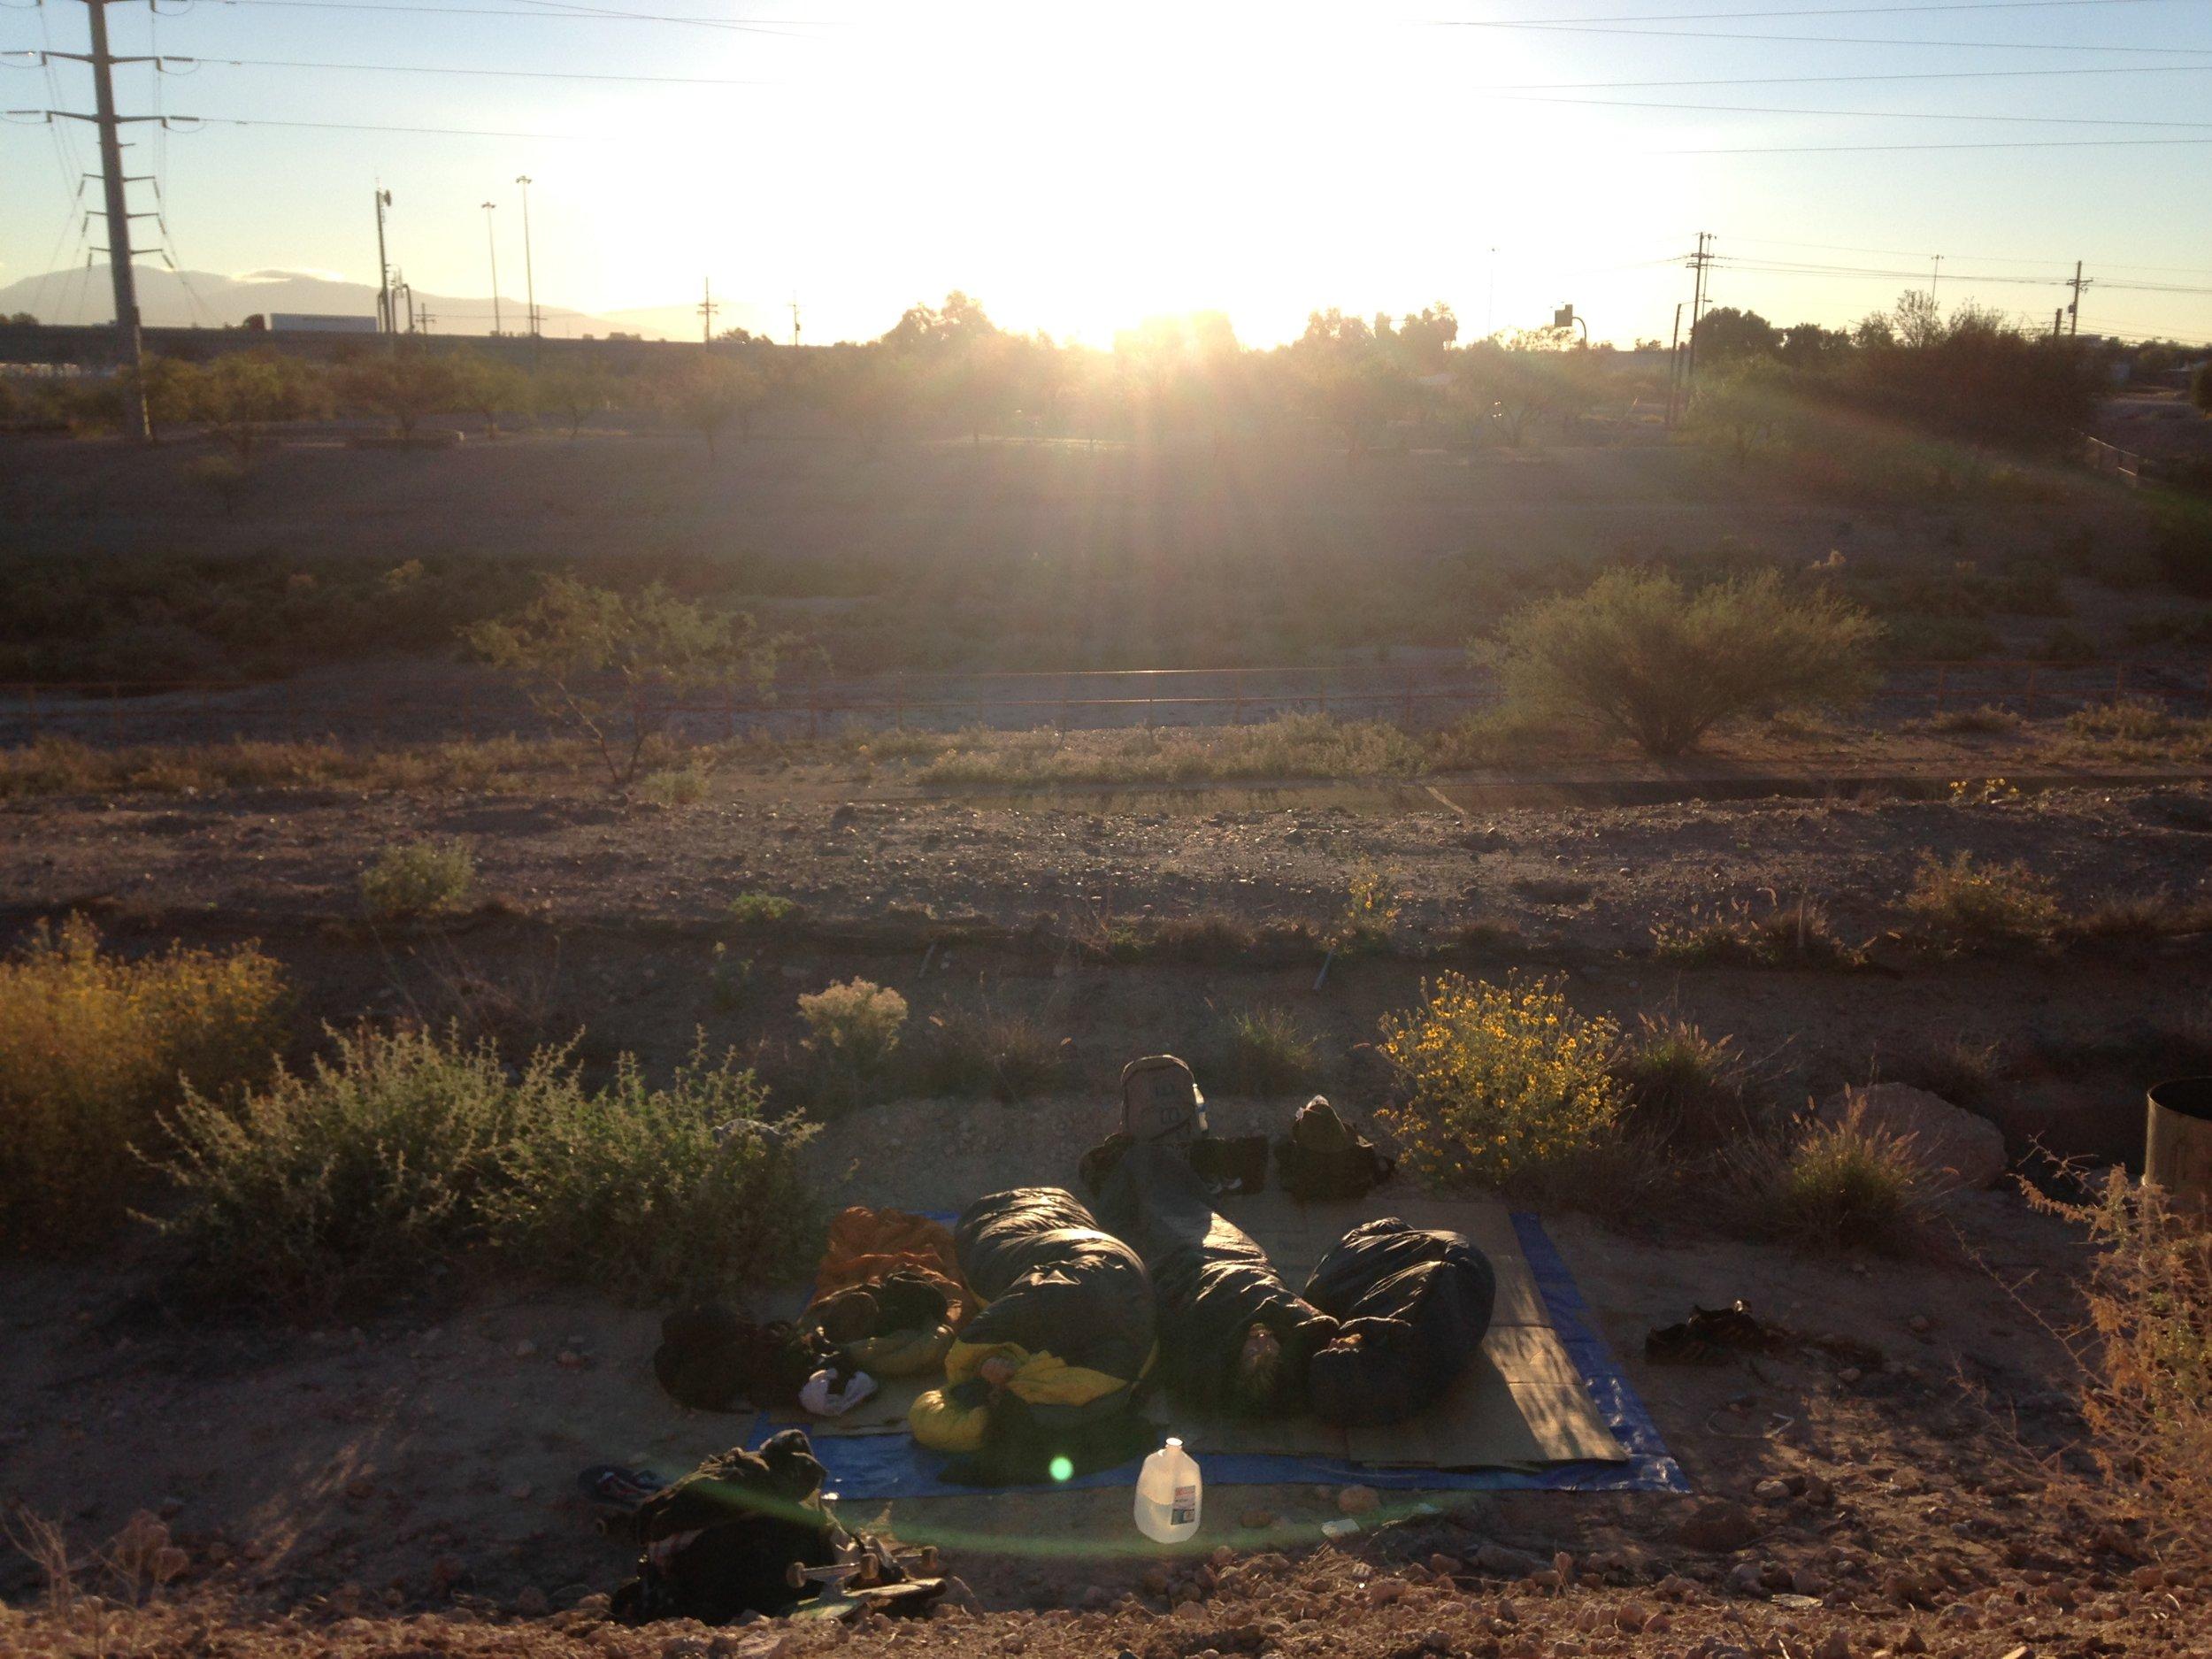 Camping Desert 2.JPG